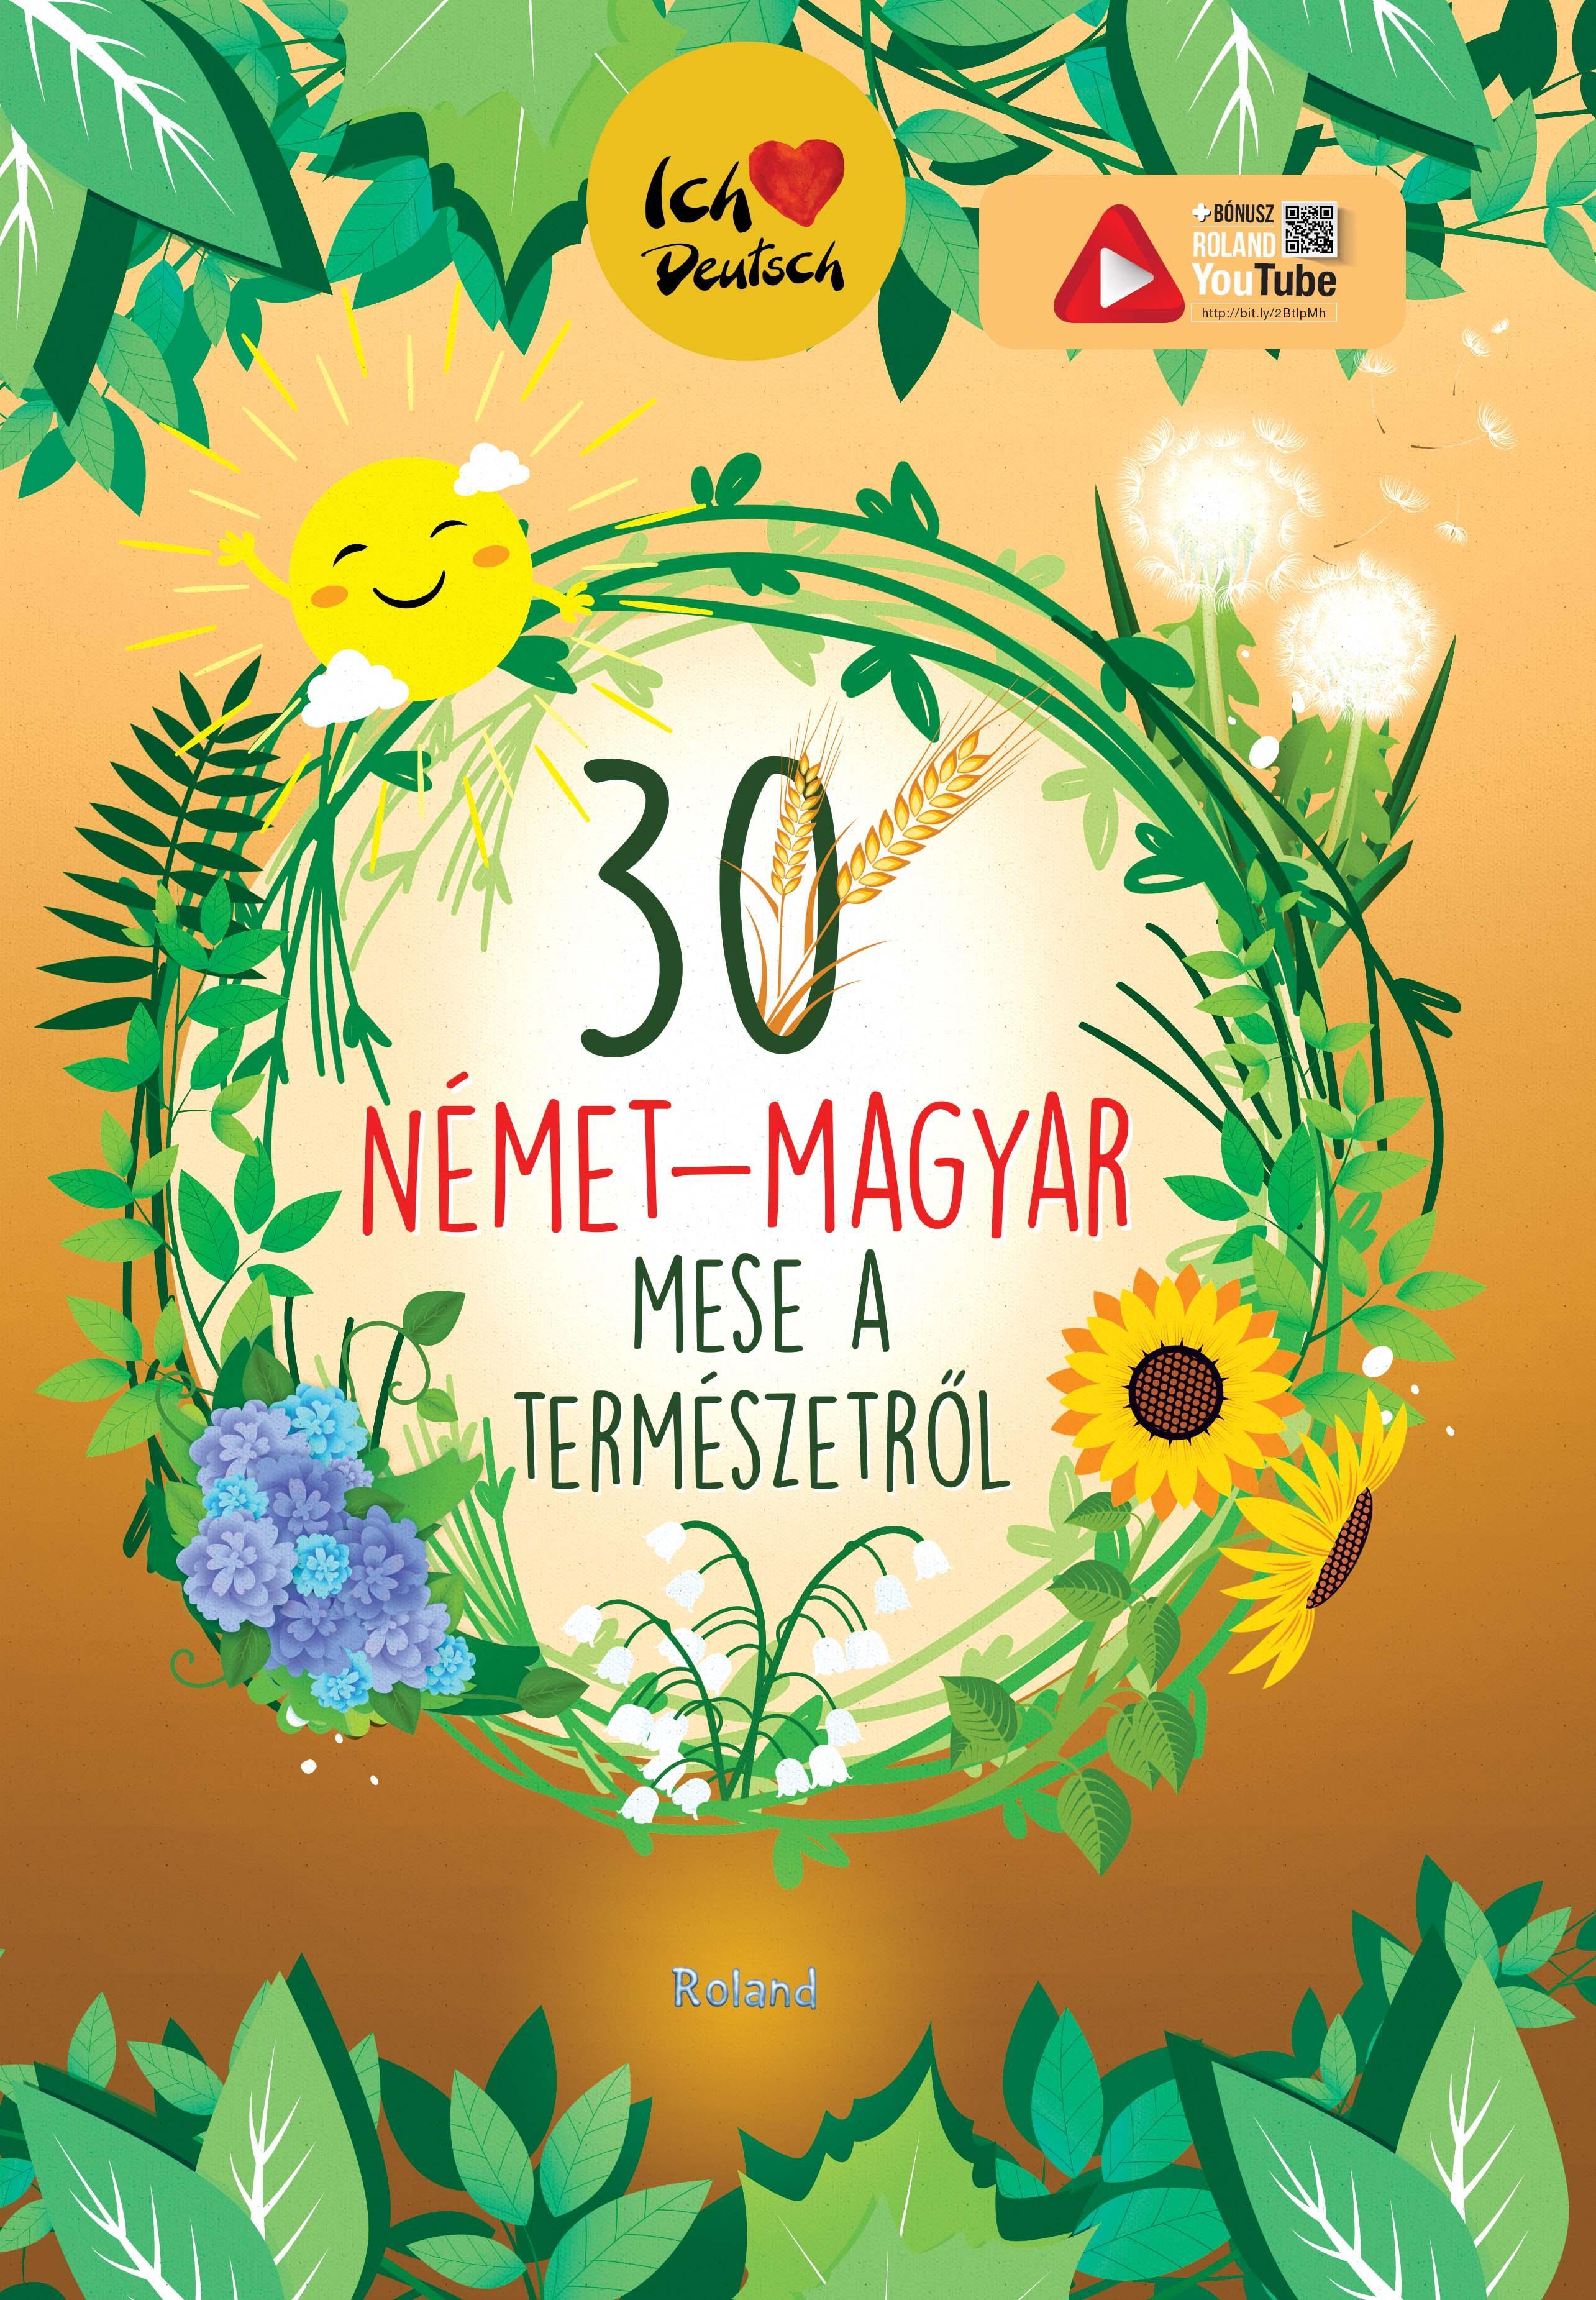 30 NÉMET-MAGYAR MESE A TERMÉSZETRÕL